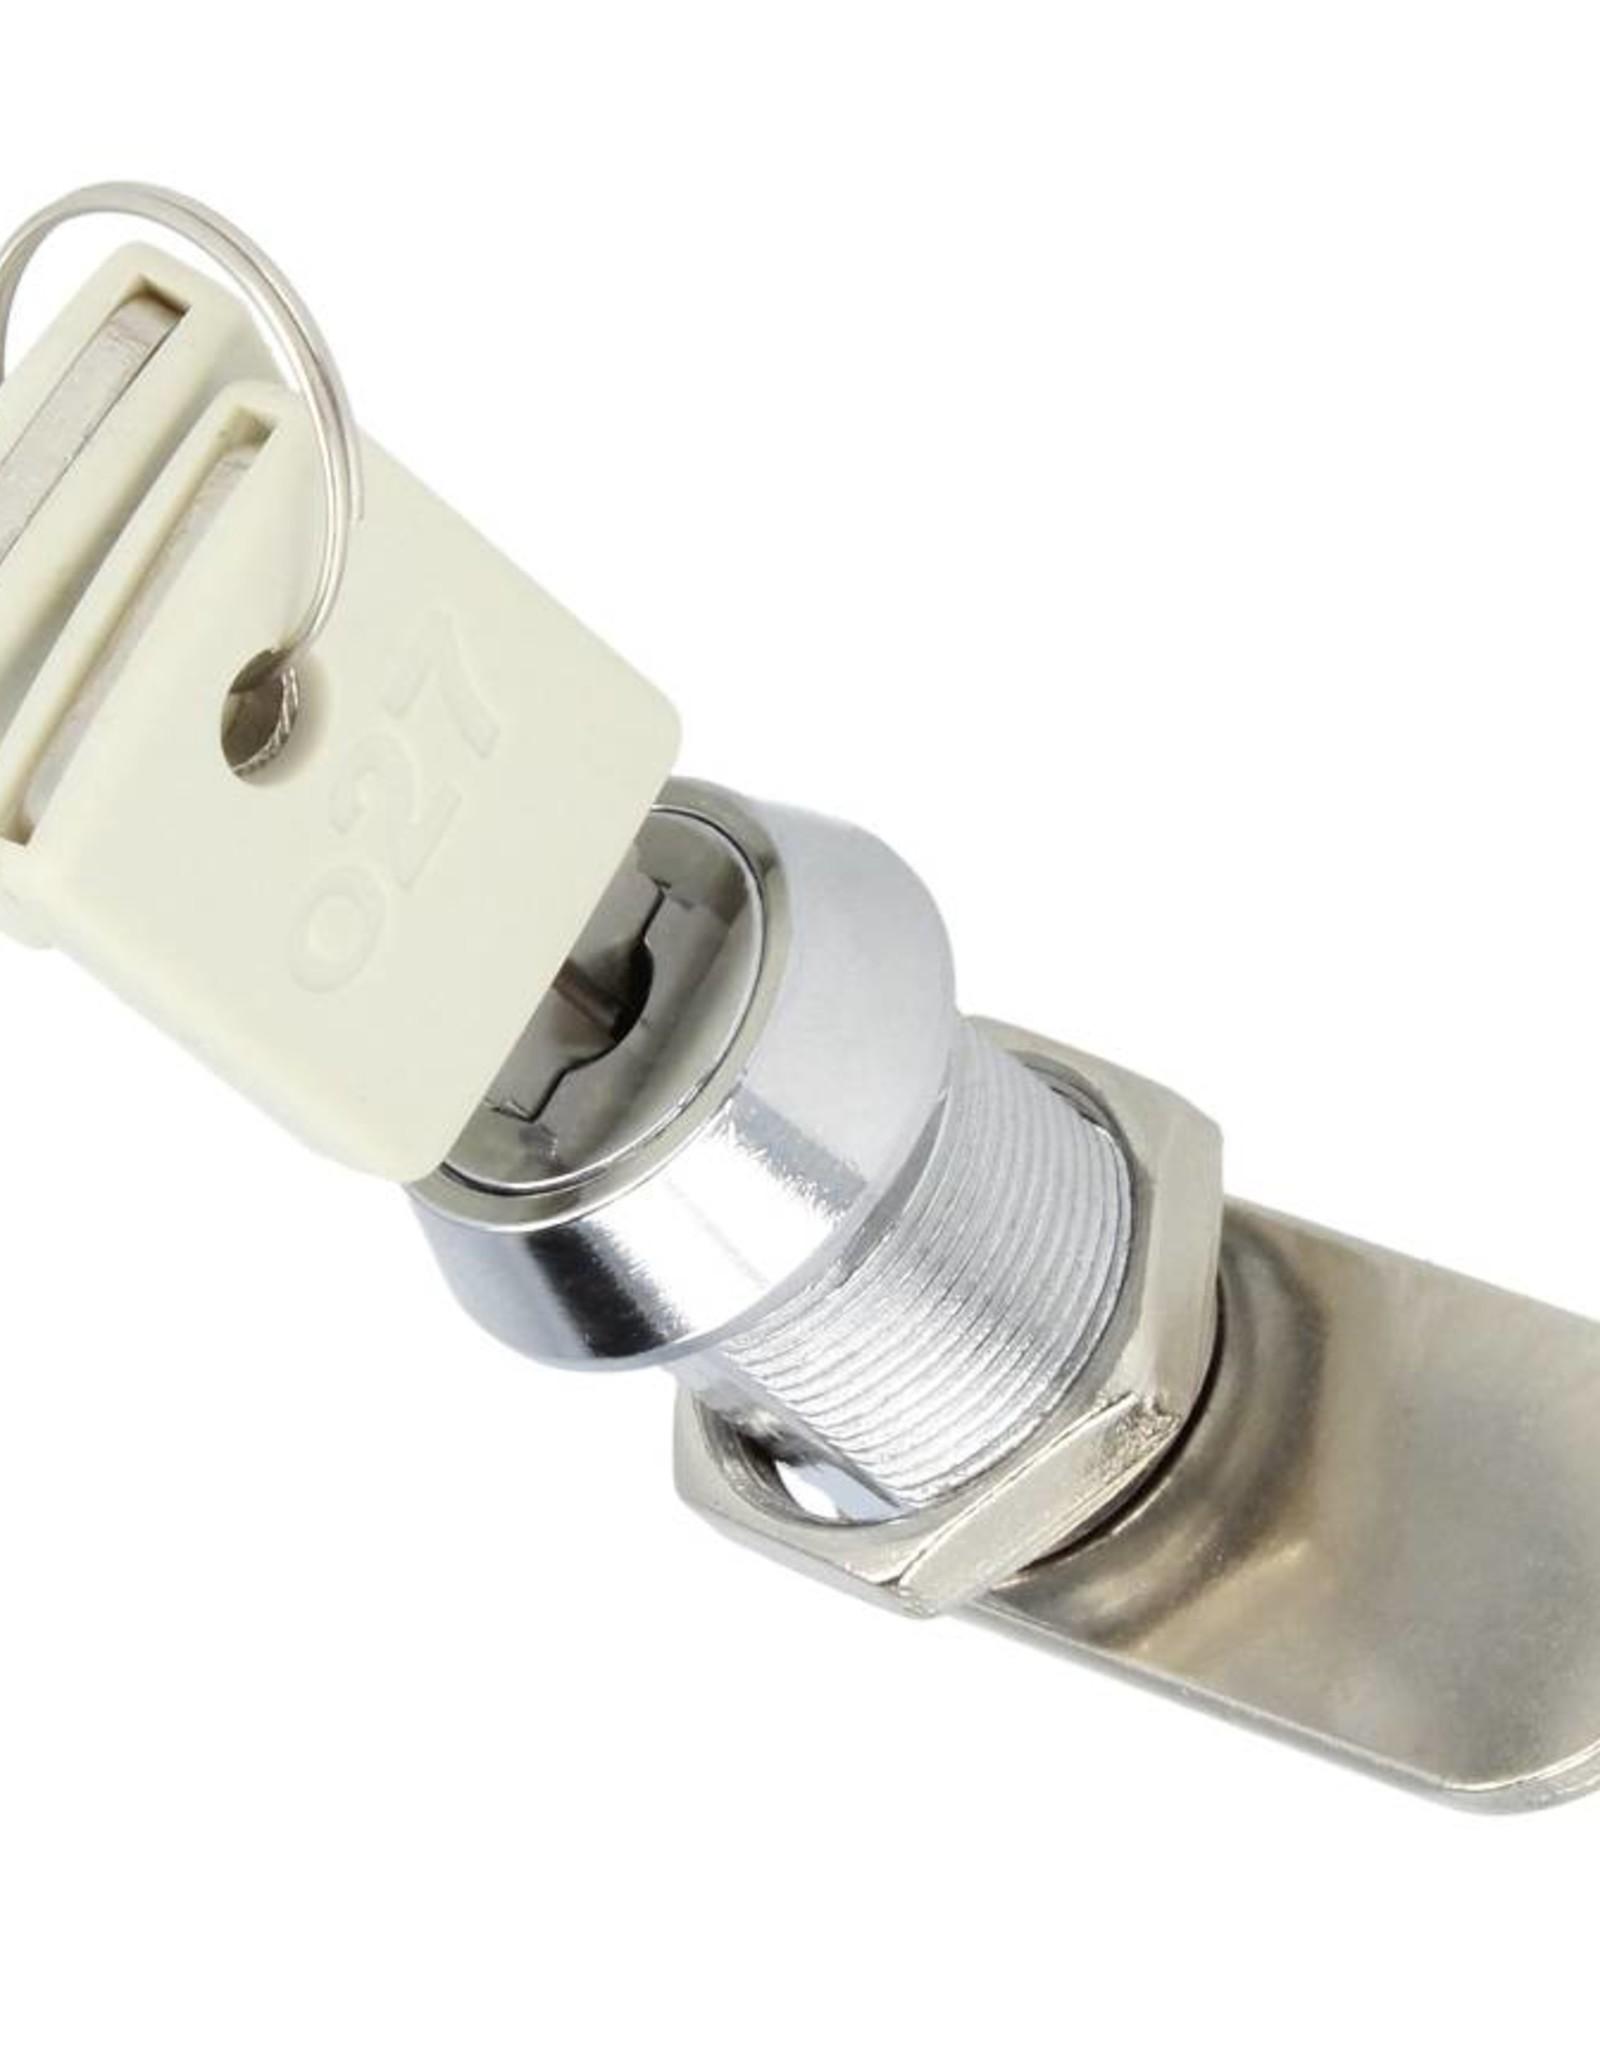 o27 Zylinderschloss mit 2 Schlüsseln